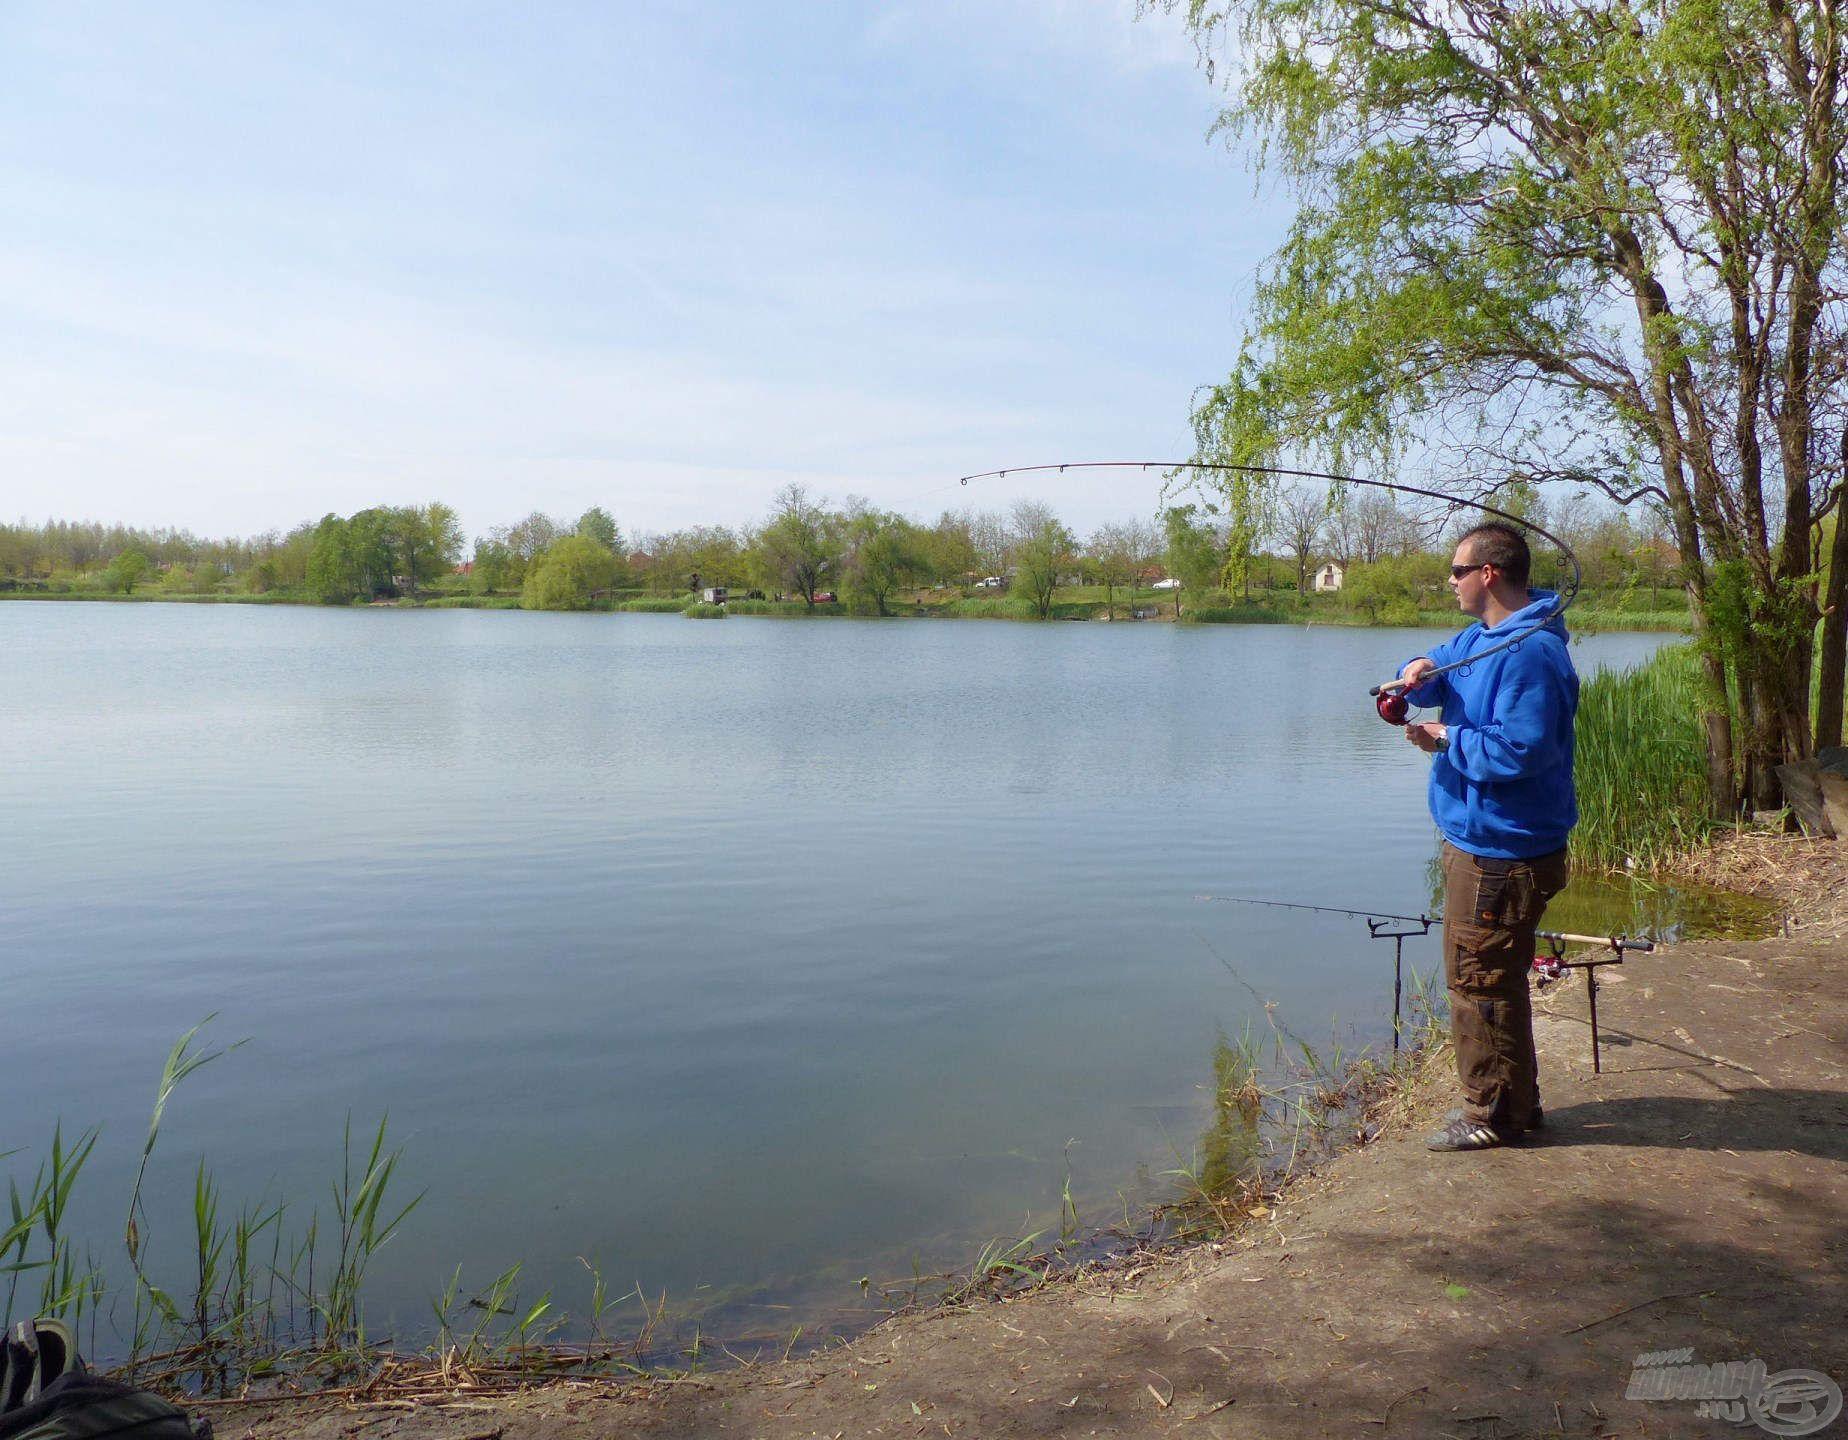 A horgászat az utolsó pillanatig izgalmas volt. Ha így görbül egy feederbot, nagy baj már nem lehet!